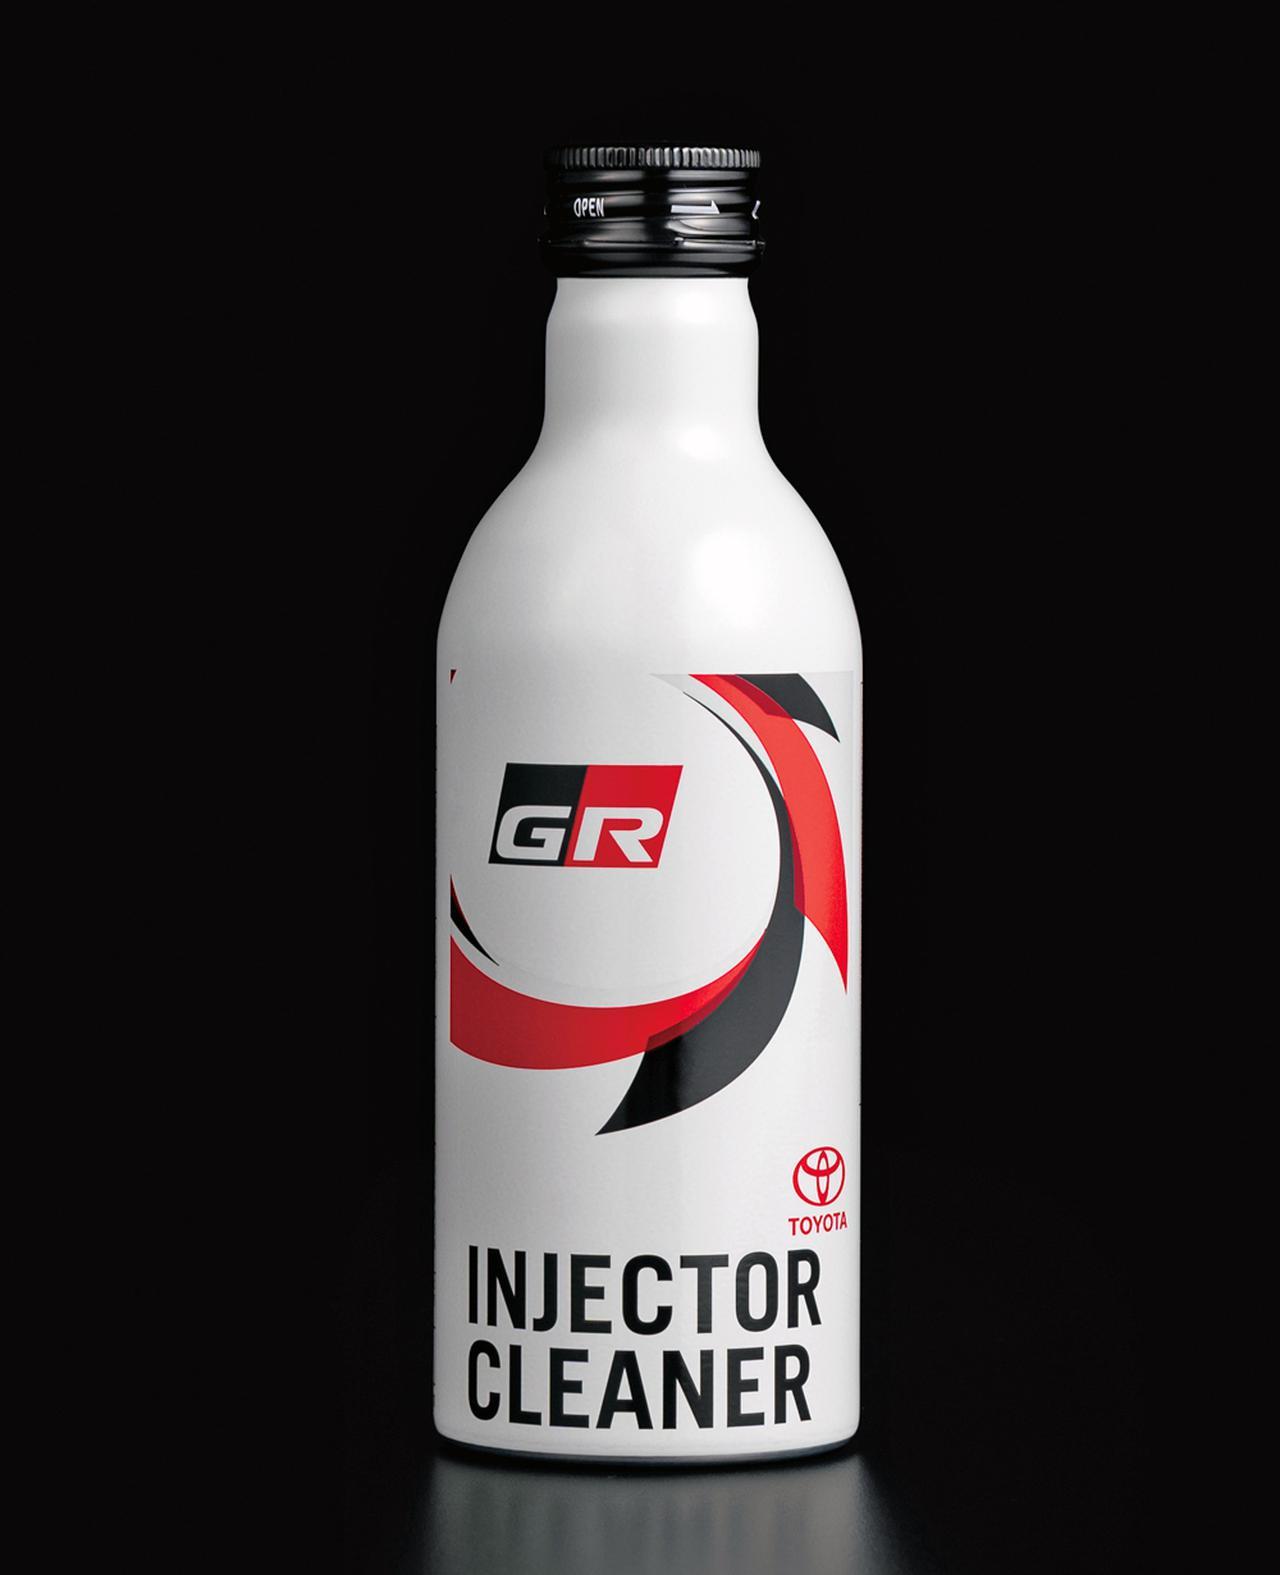 Images : 6番目の画像 - GR モーターオイル - Webモーターマガジン